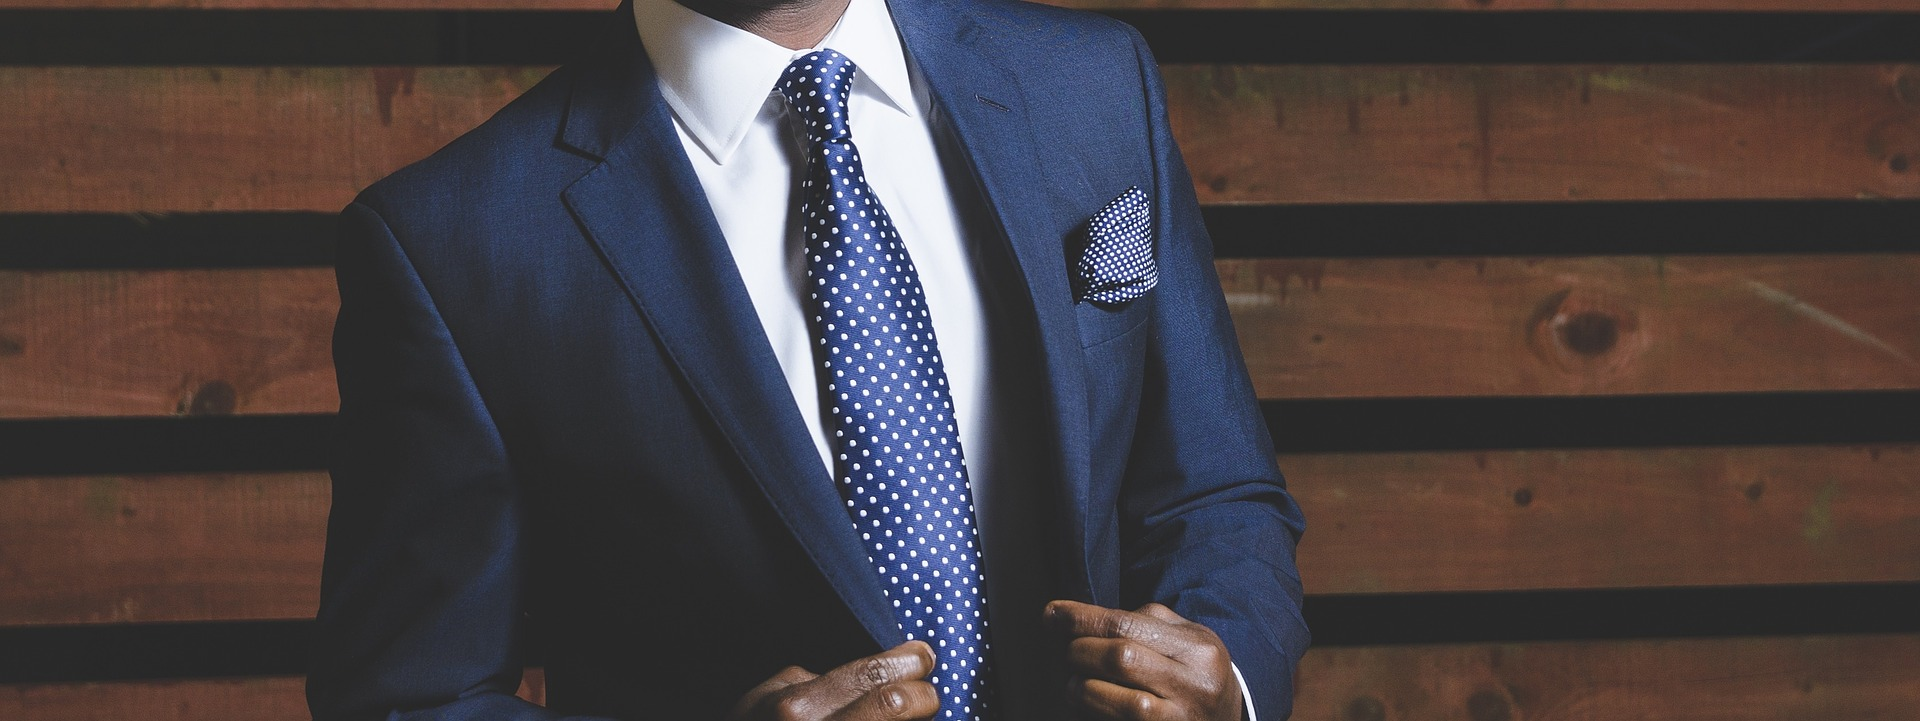 Wie man eine Krawatte richtig bindet